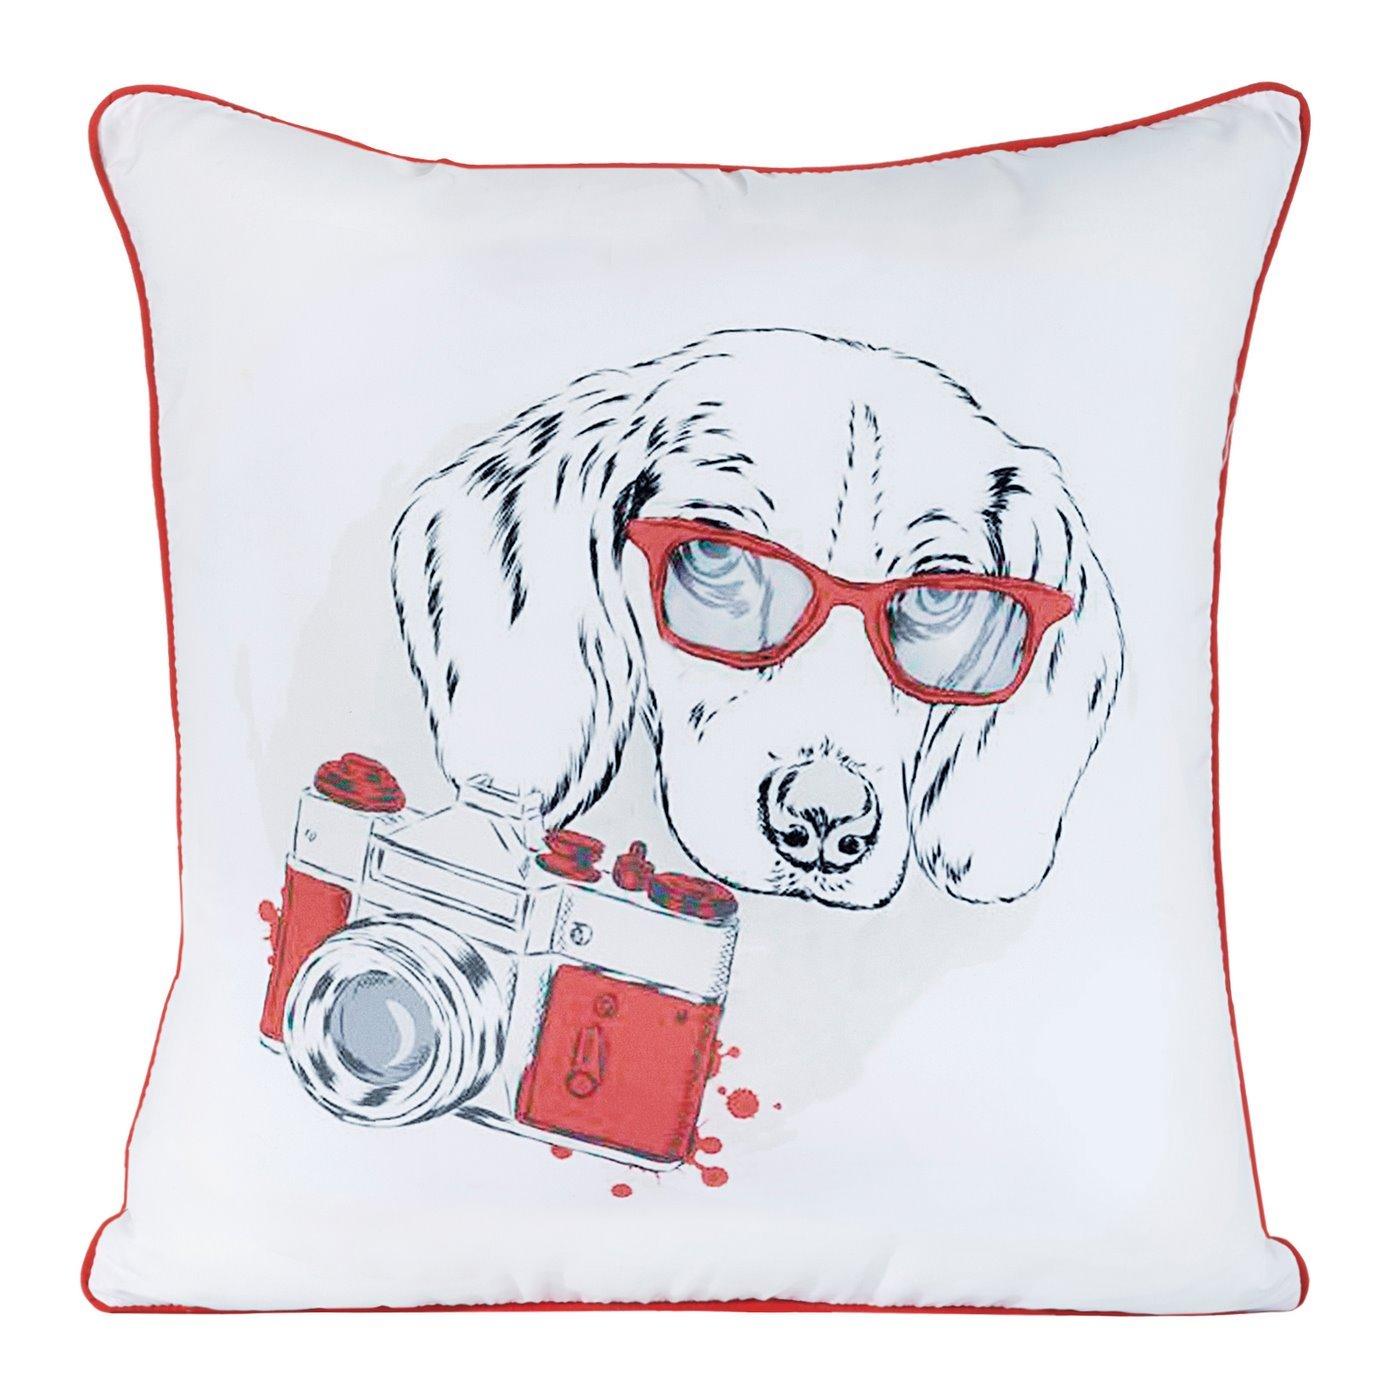 Poszewka pies z nadrukiem biało-czerwona 40 x 40 cm